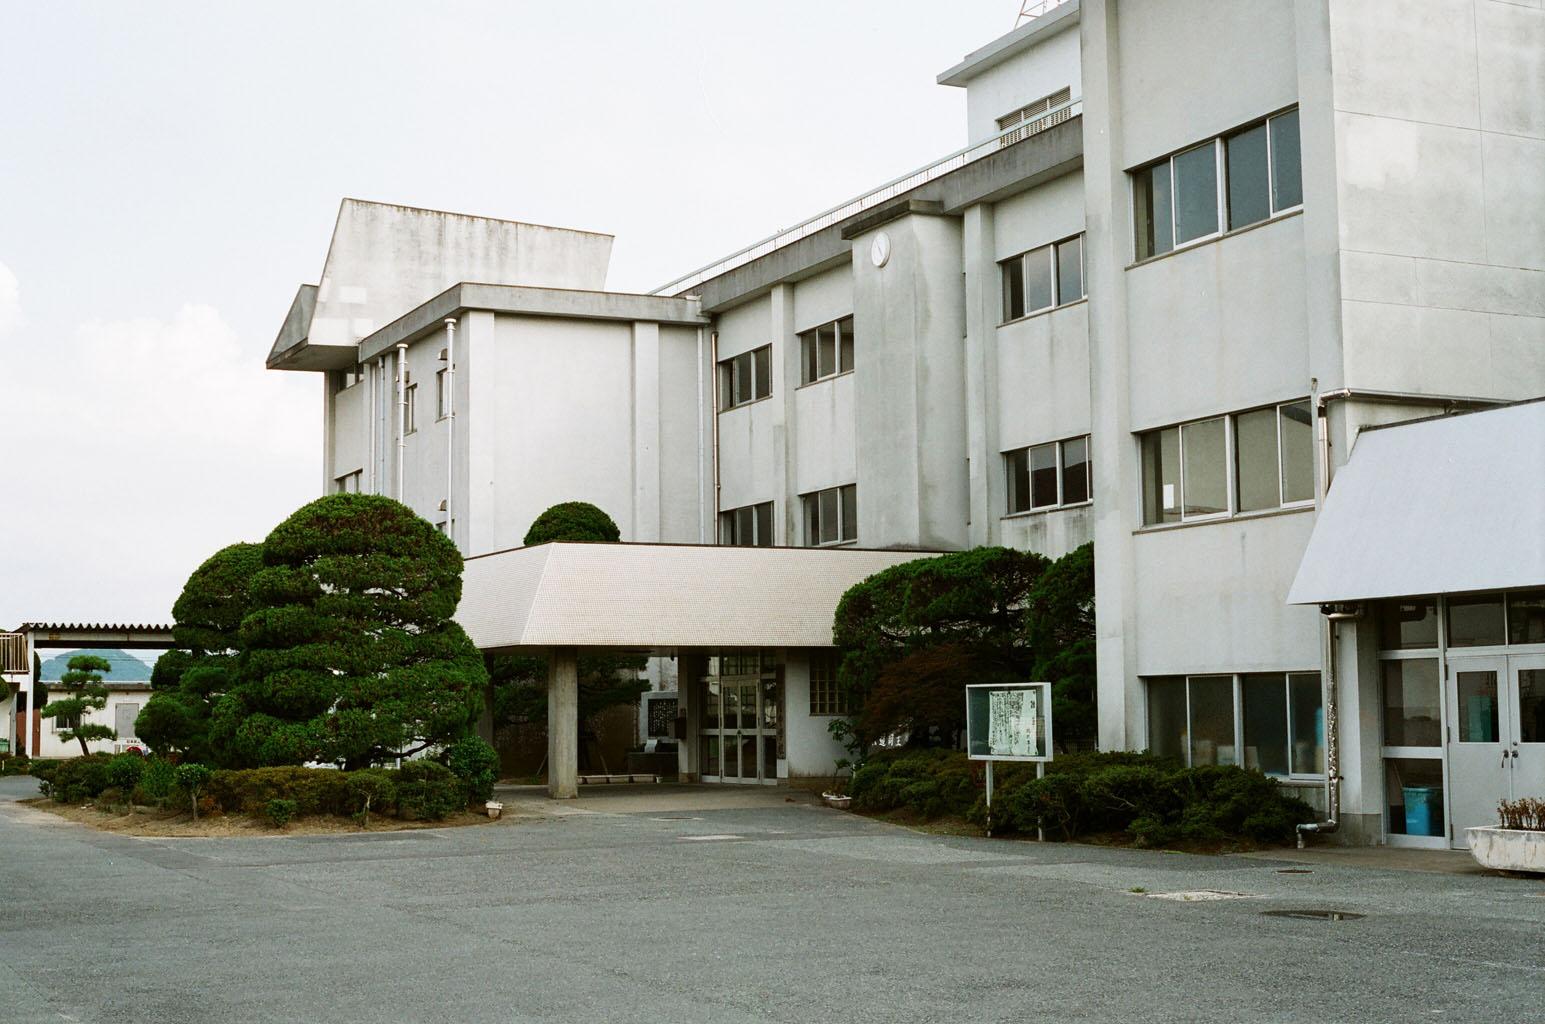 福岡県芦屋町、の23、080813 : あきよしちひつどう